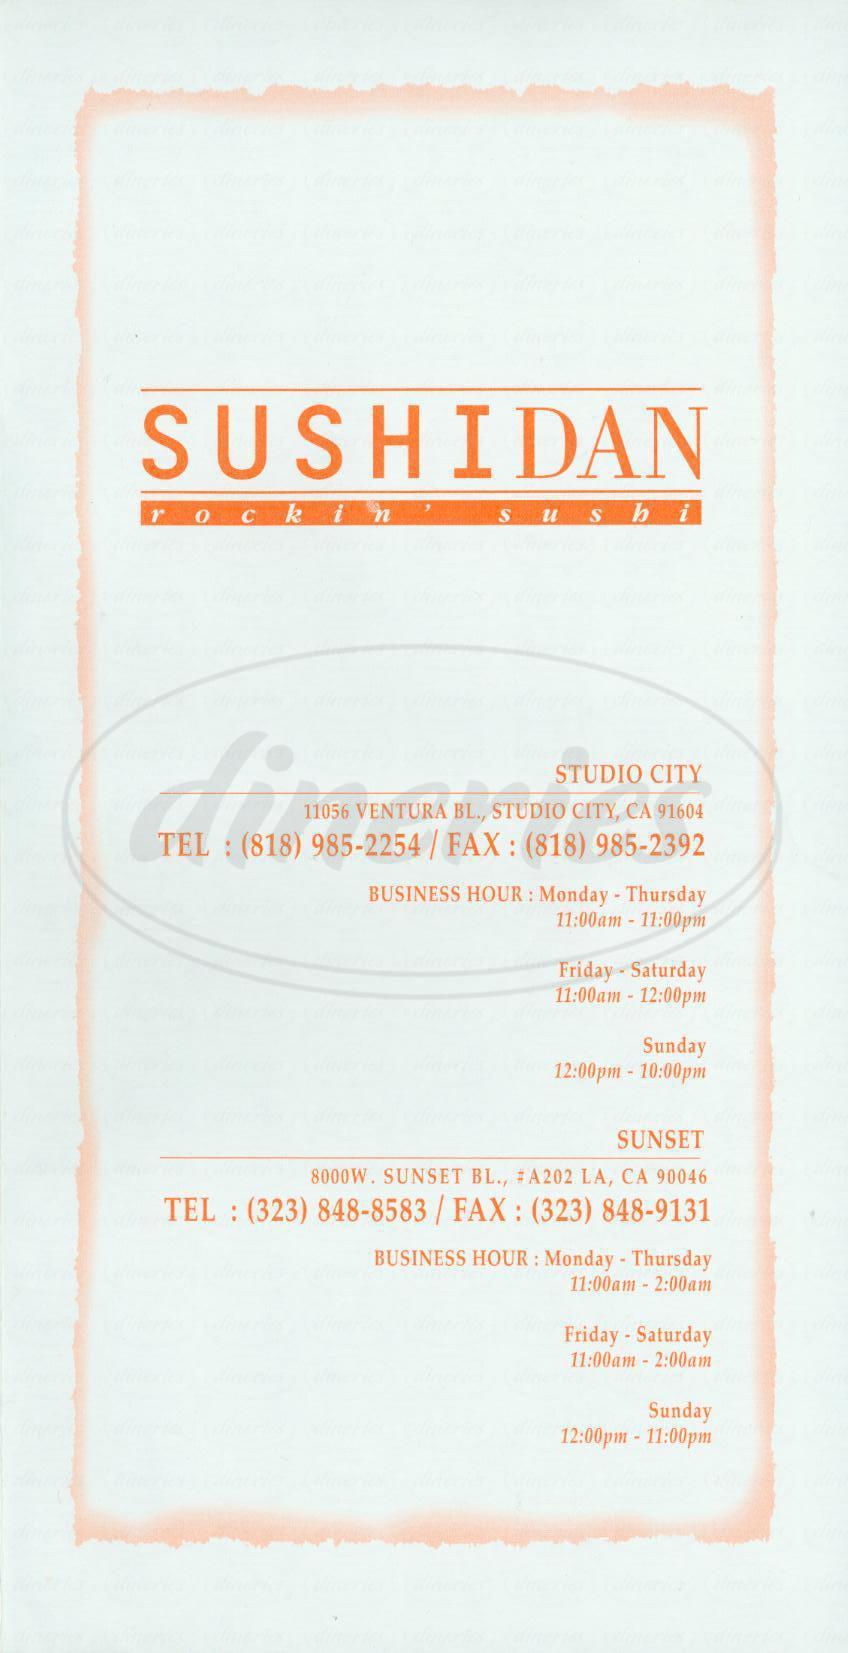 menu for Sushi Dan